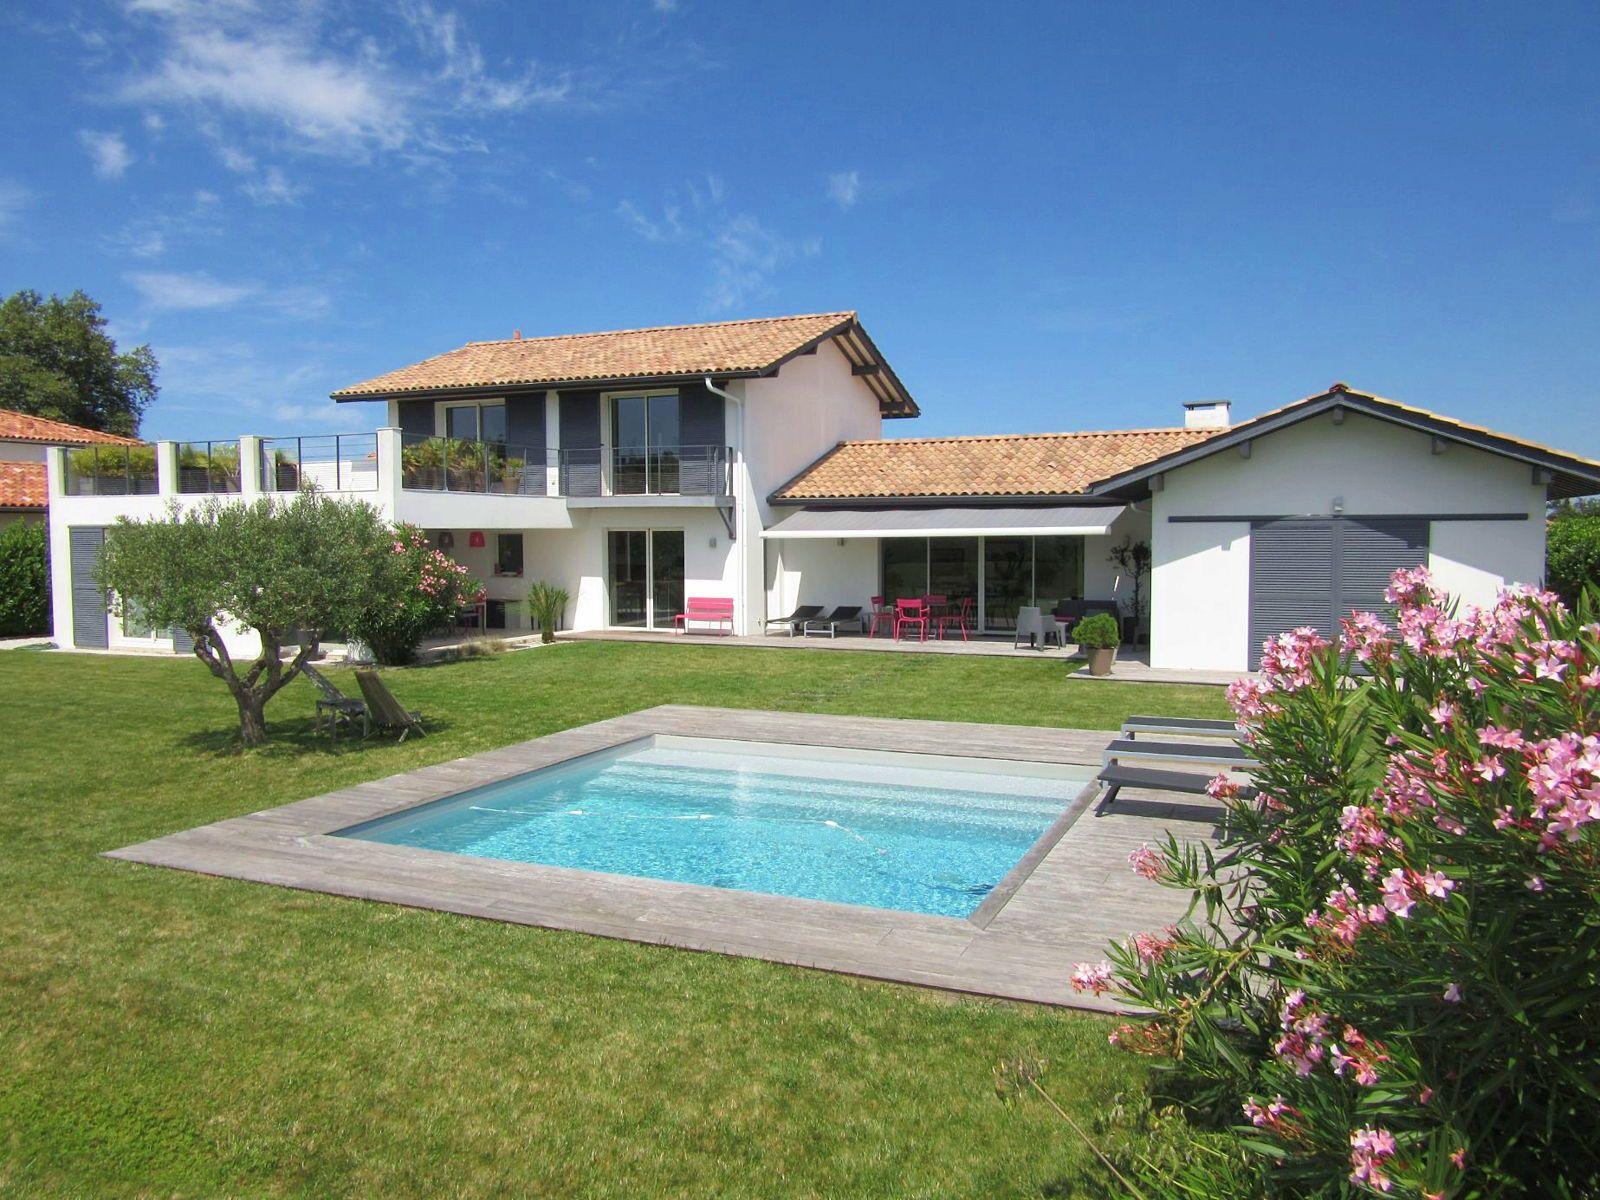 Loue villa d'archi 10couchages, 5chambres - Biarritz